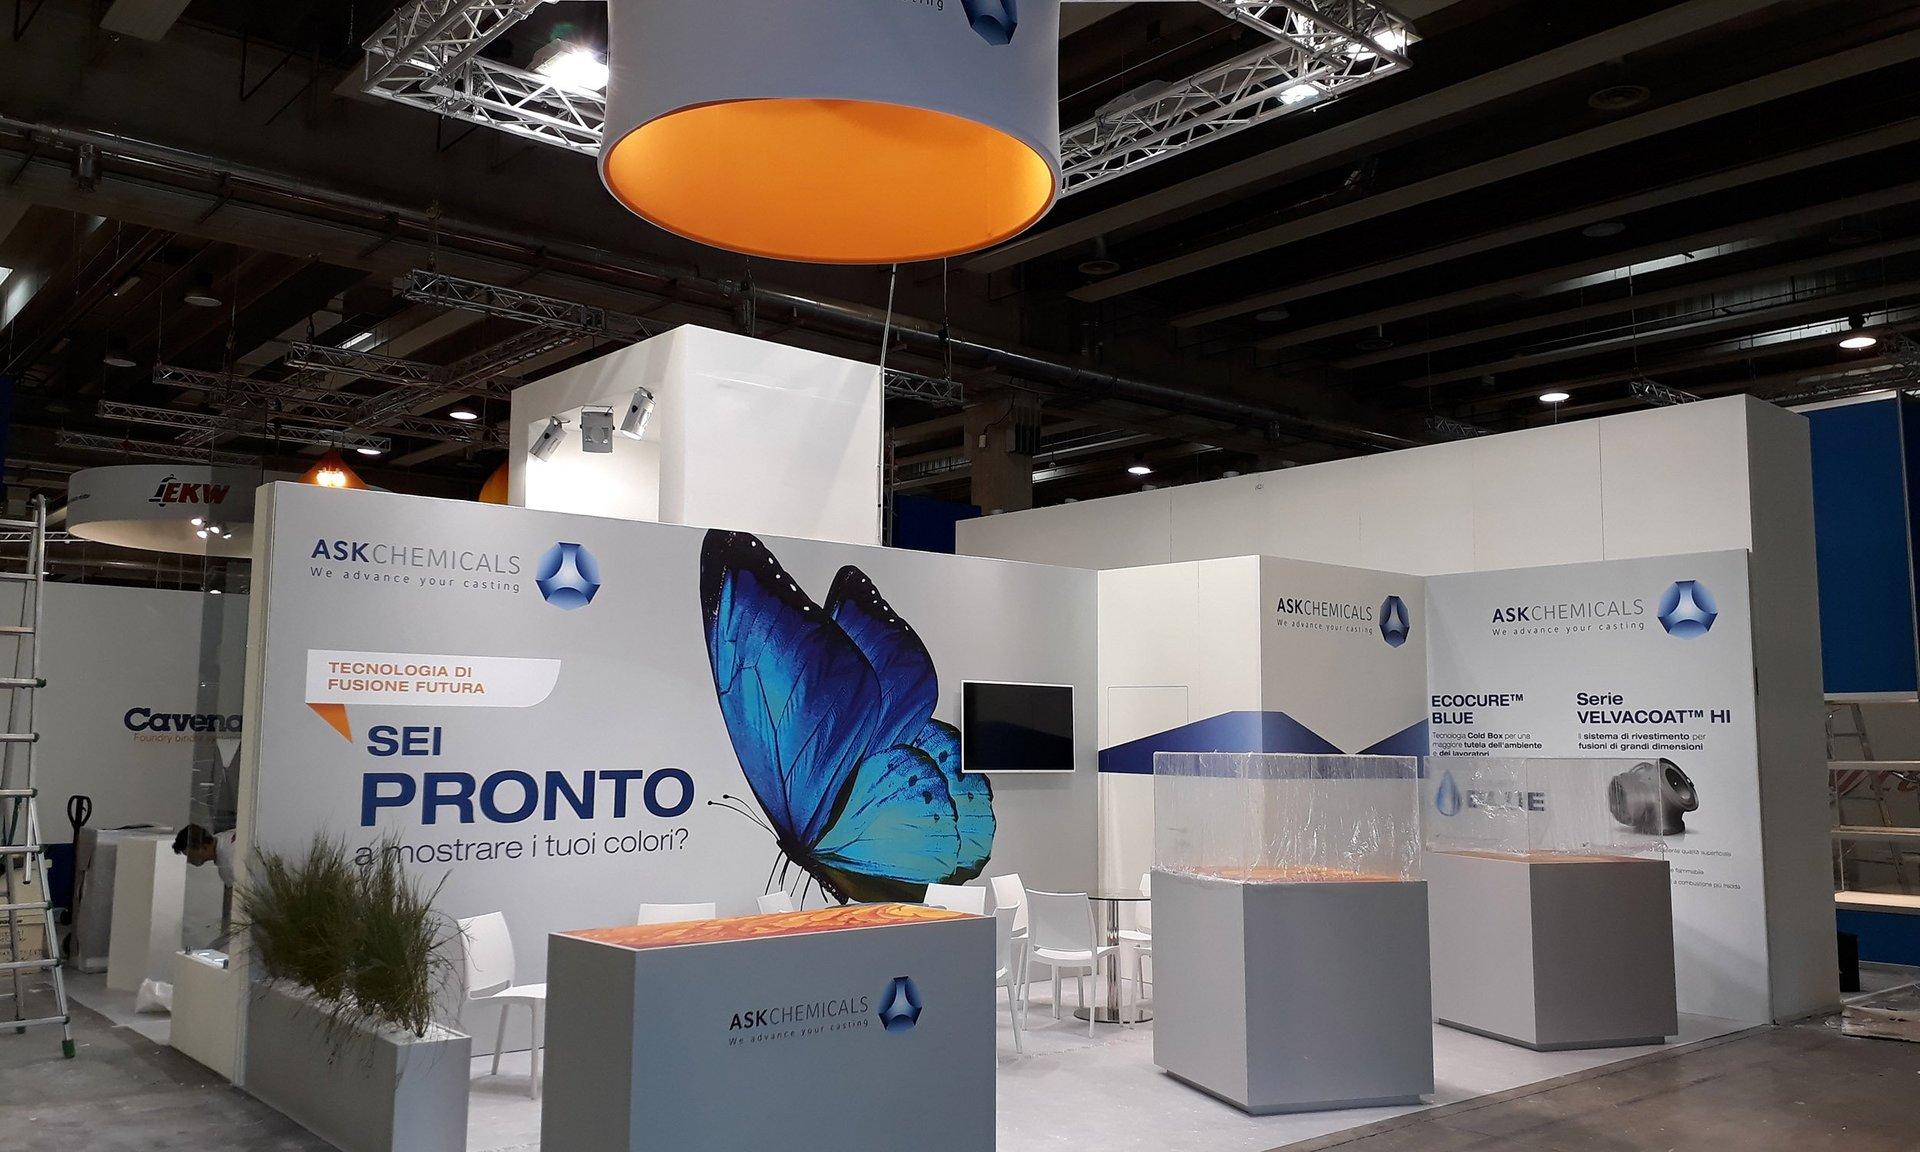 uno stand tre banconi e dei muretti con le scritte blu e un disegno di una farfalla